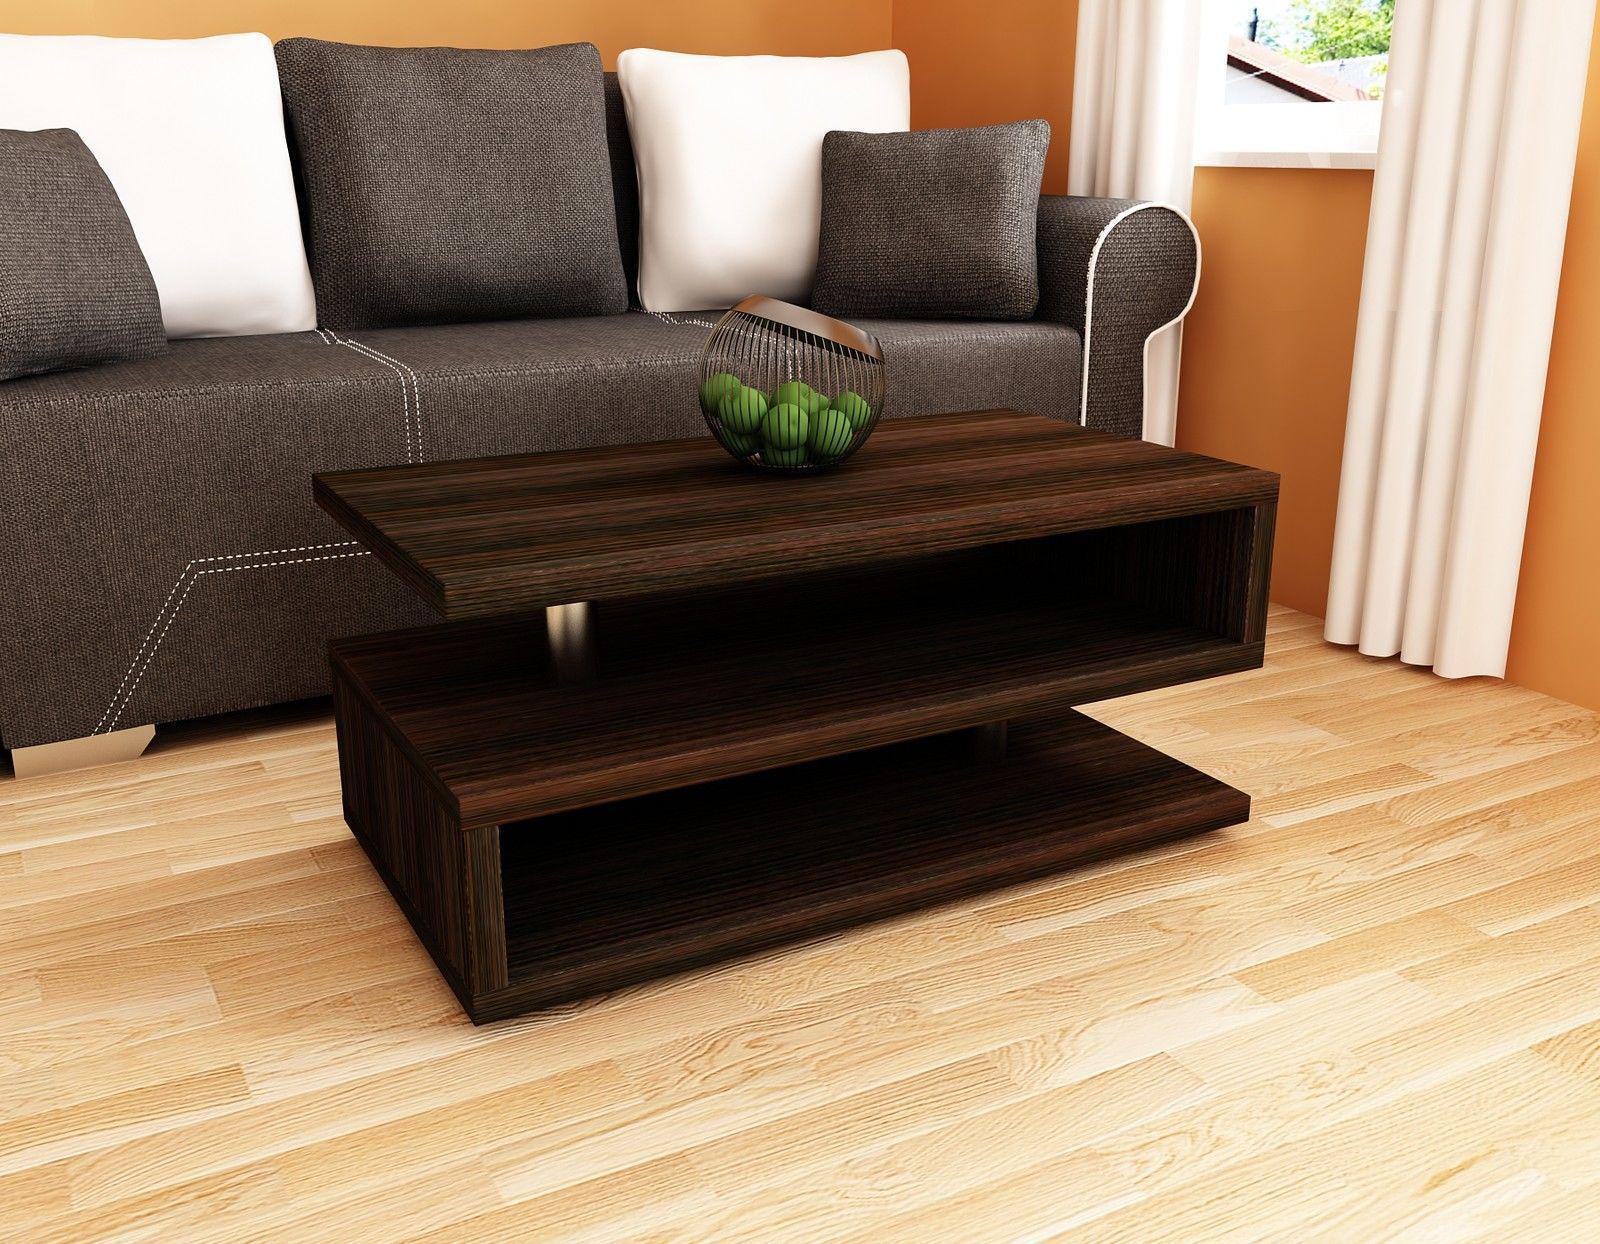 Couchtisch Wohnzimmer Edler Sofatisch Tisch Holz Glas Design